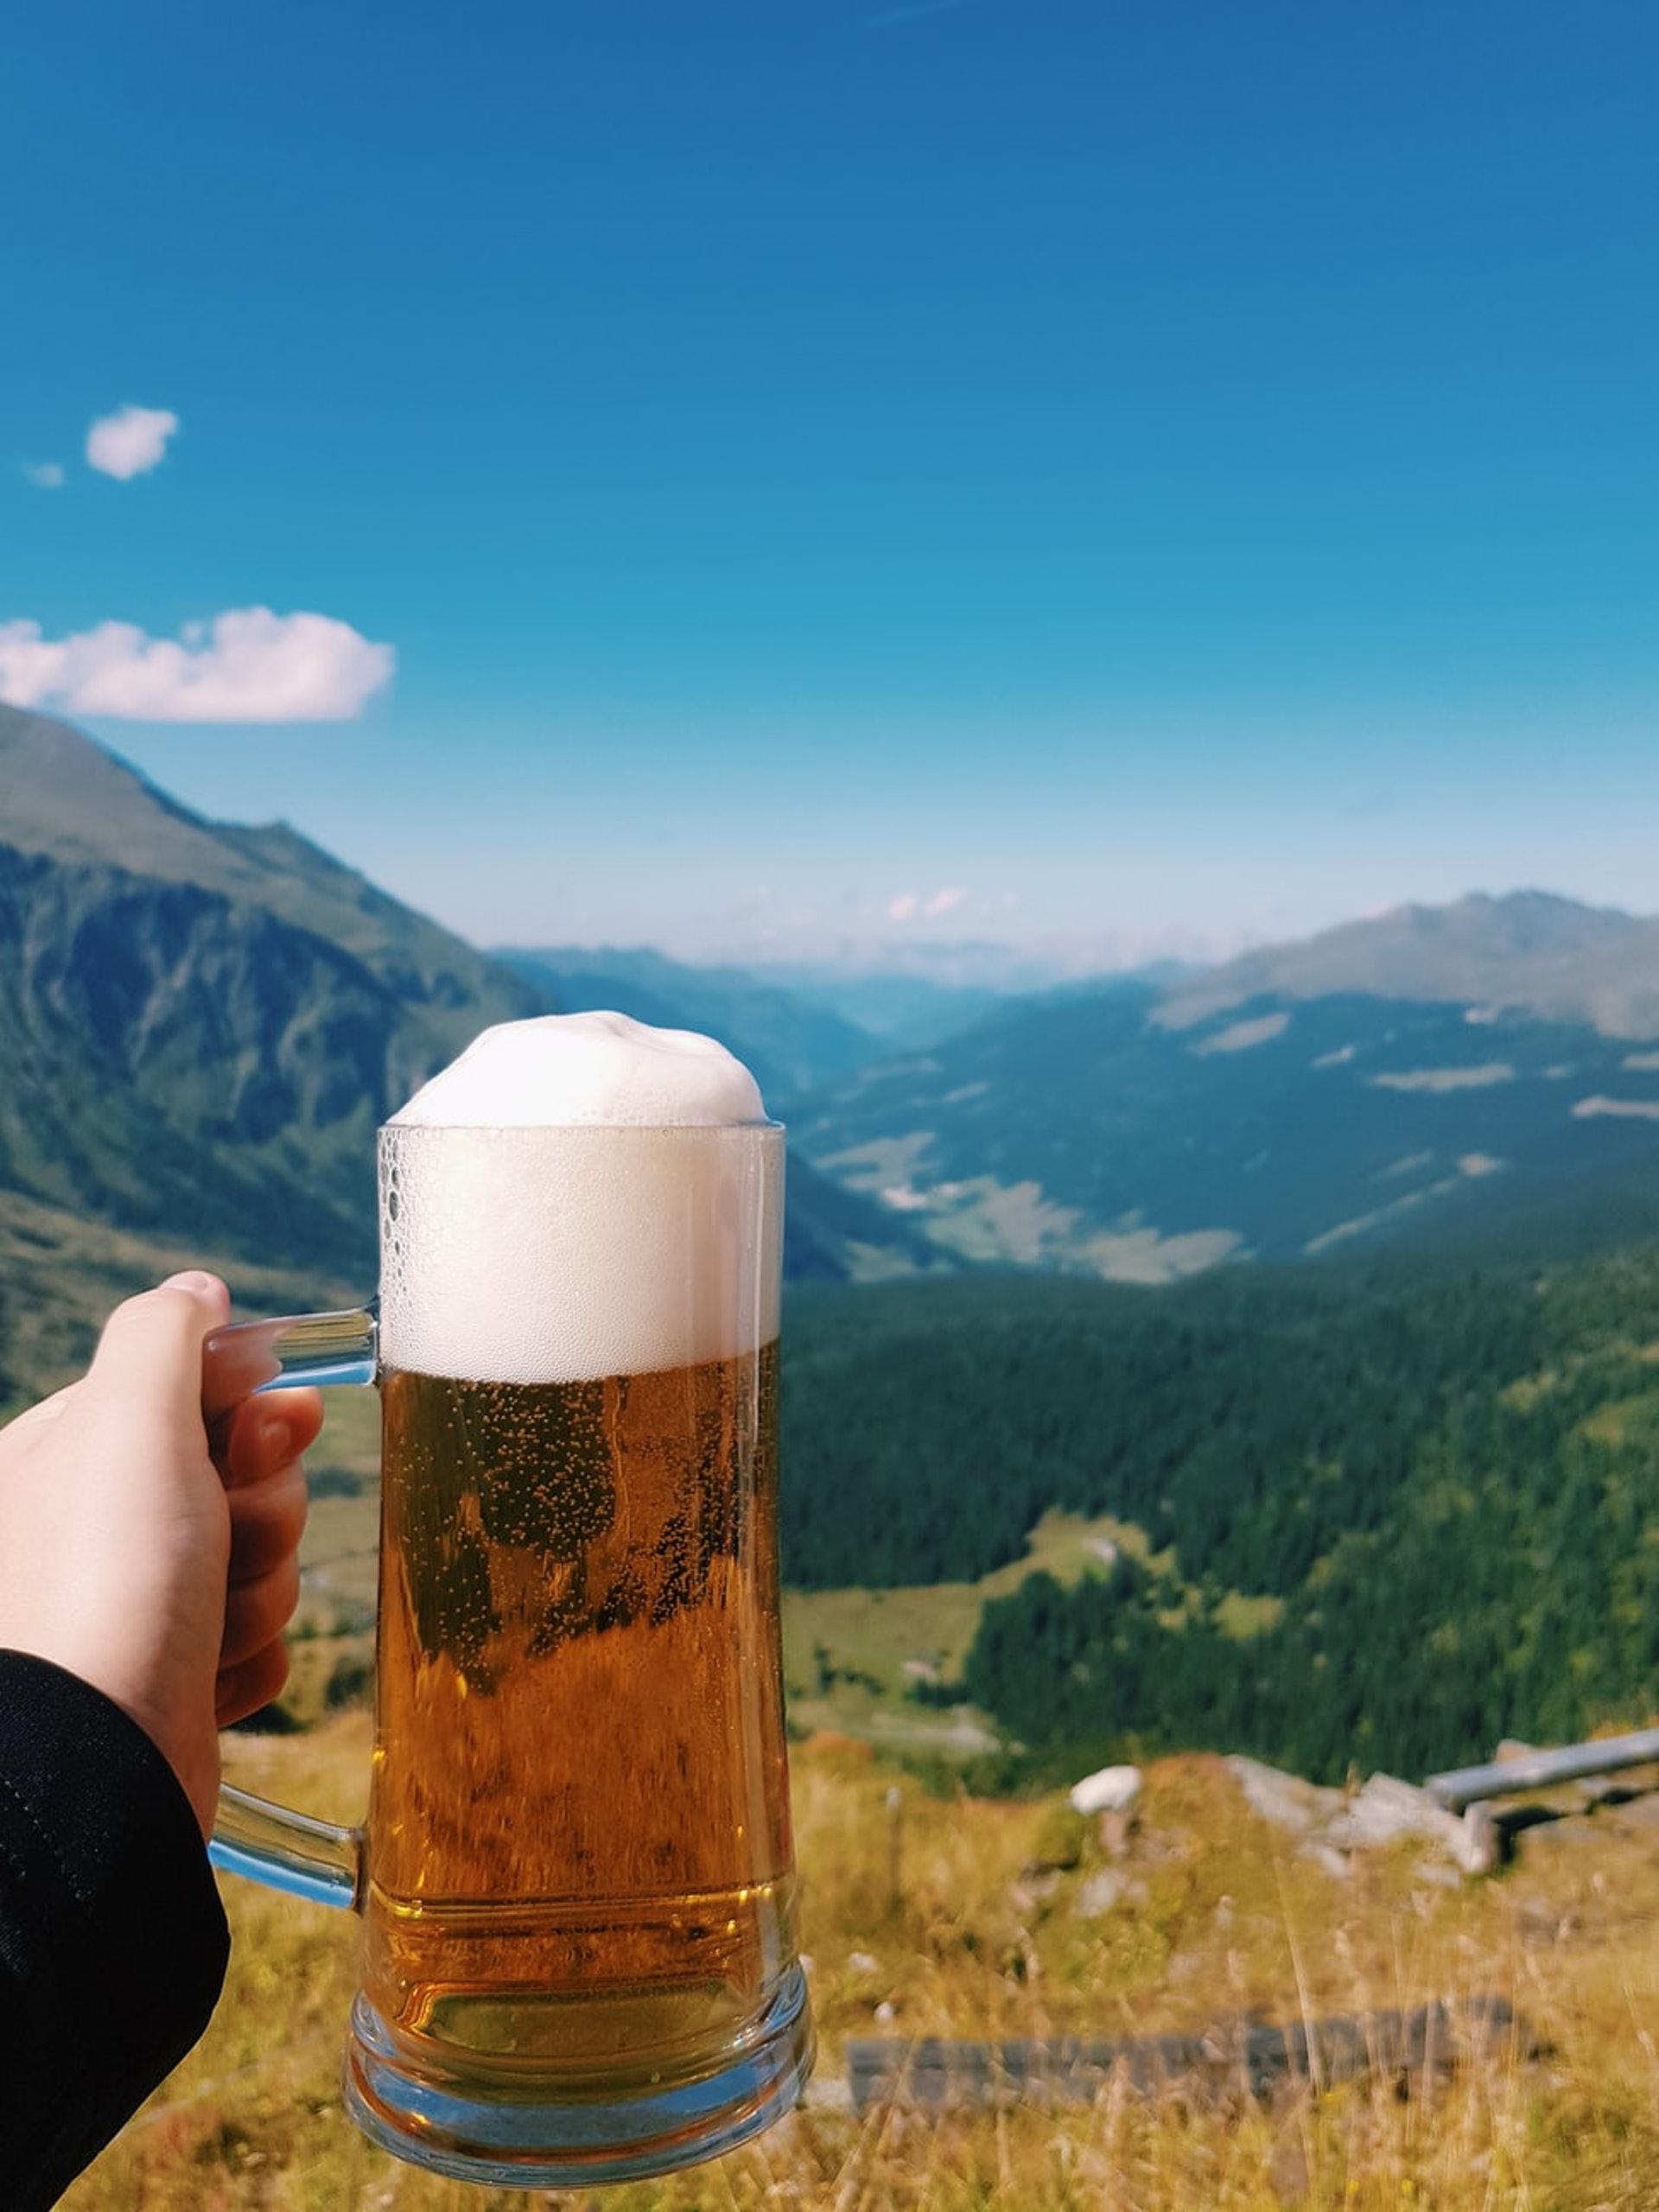 基本上任何地方都可以釀得出啤酒,因為原材料都可以保存及運輸,但水卻不能!而且啤酒九成多都是水,所以好山好水就釀出好啤酒(圖片來源:Unsplash@reiseuhu)